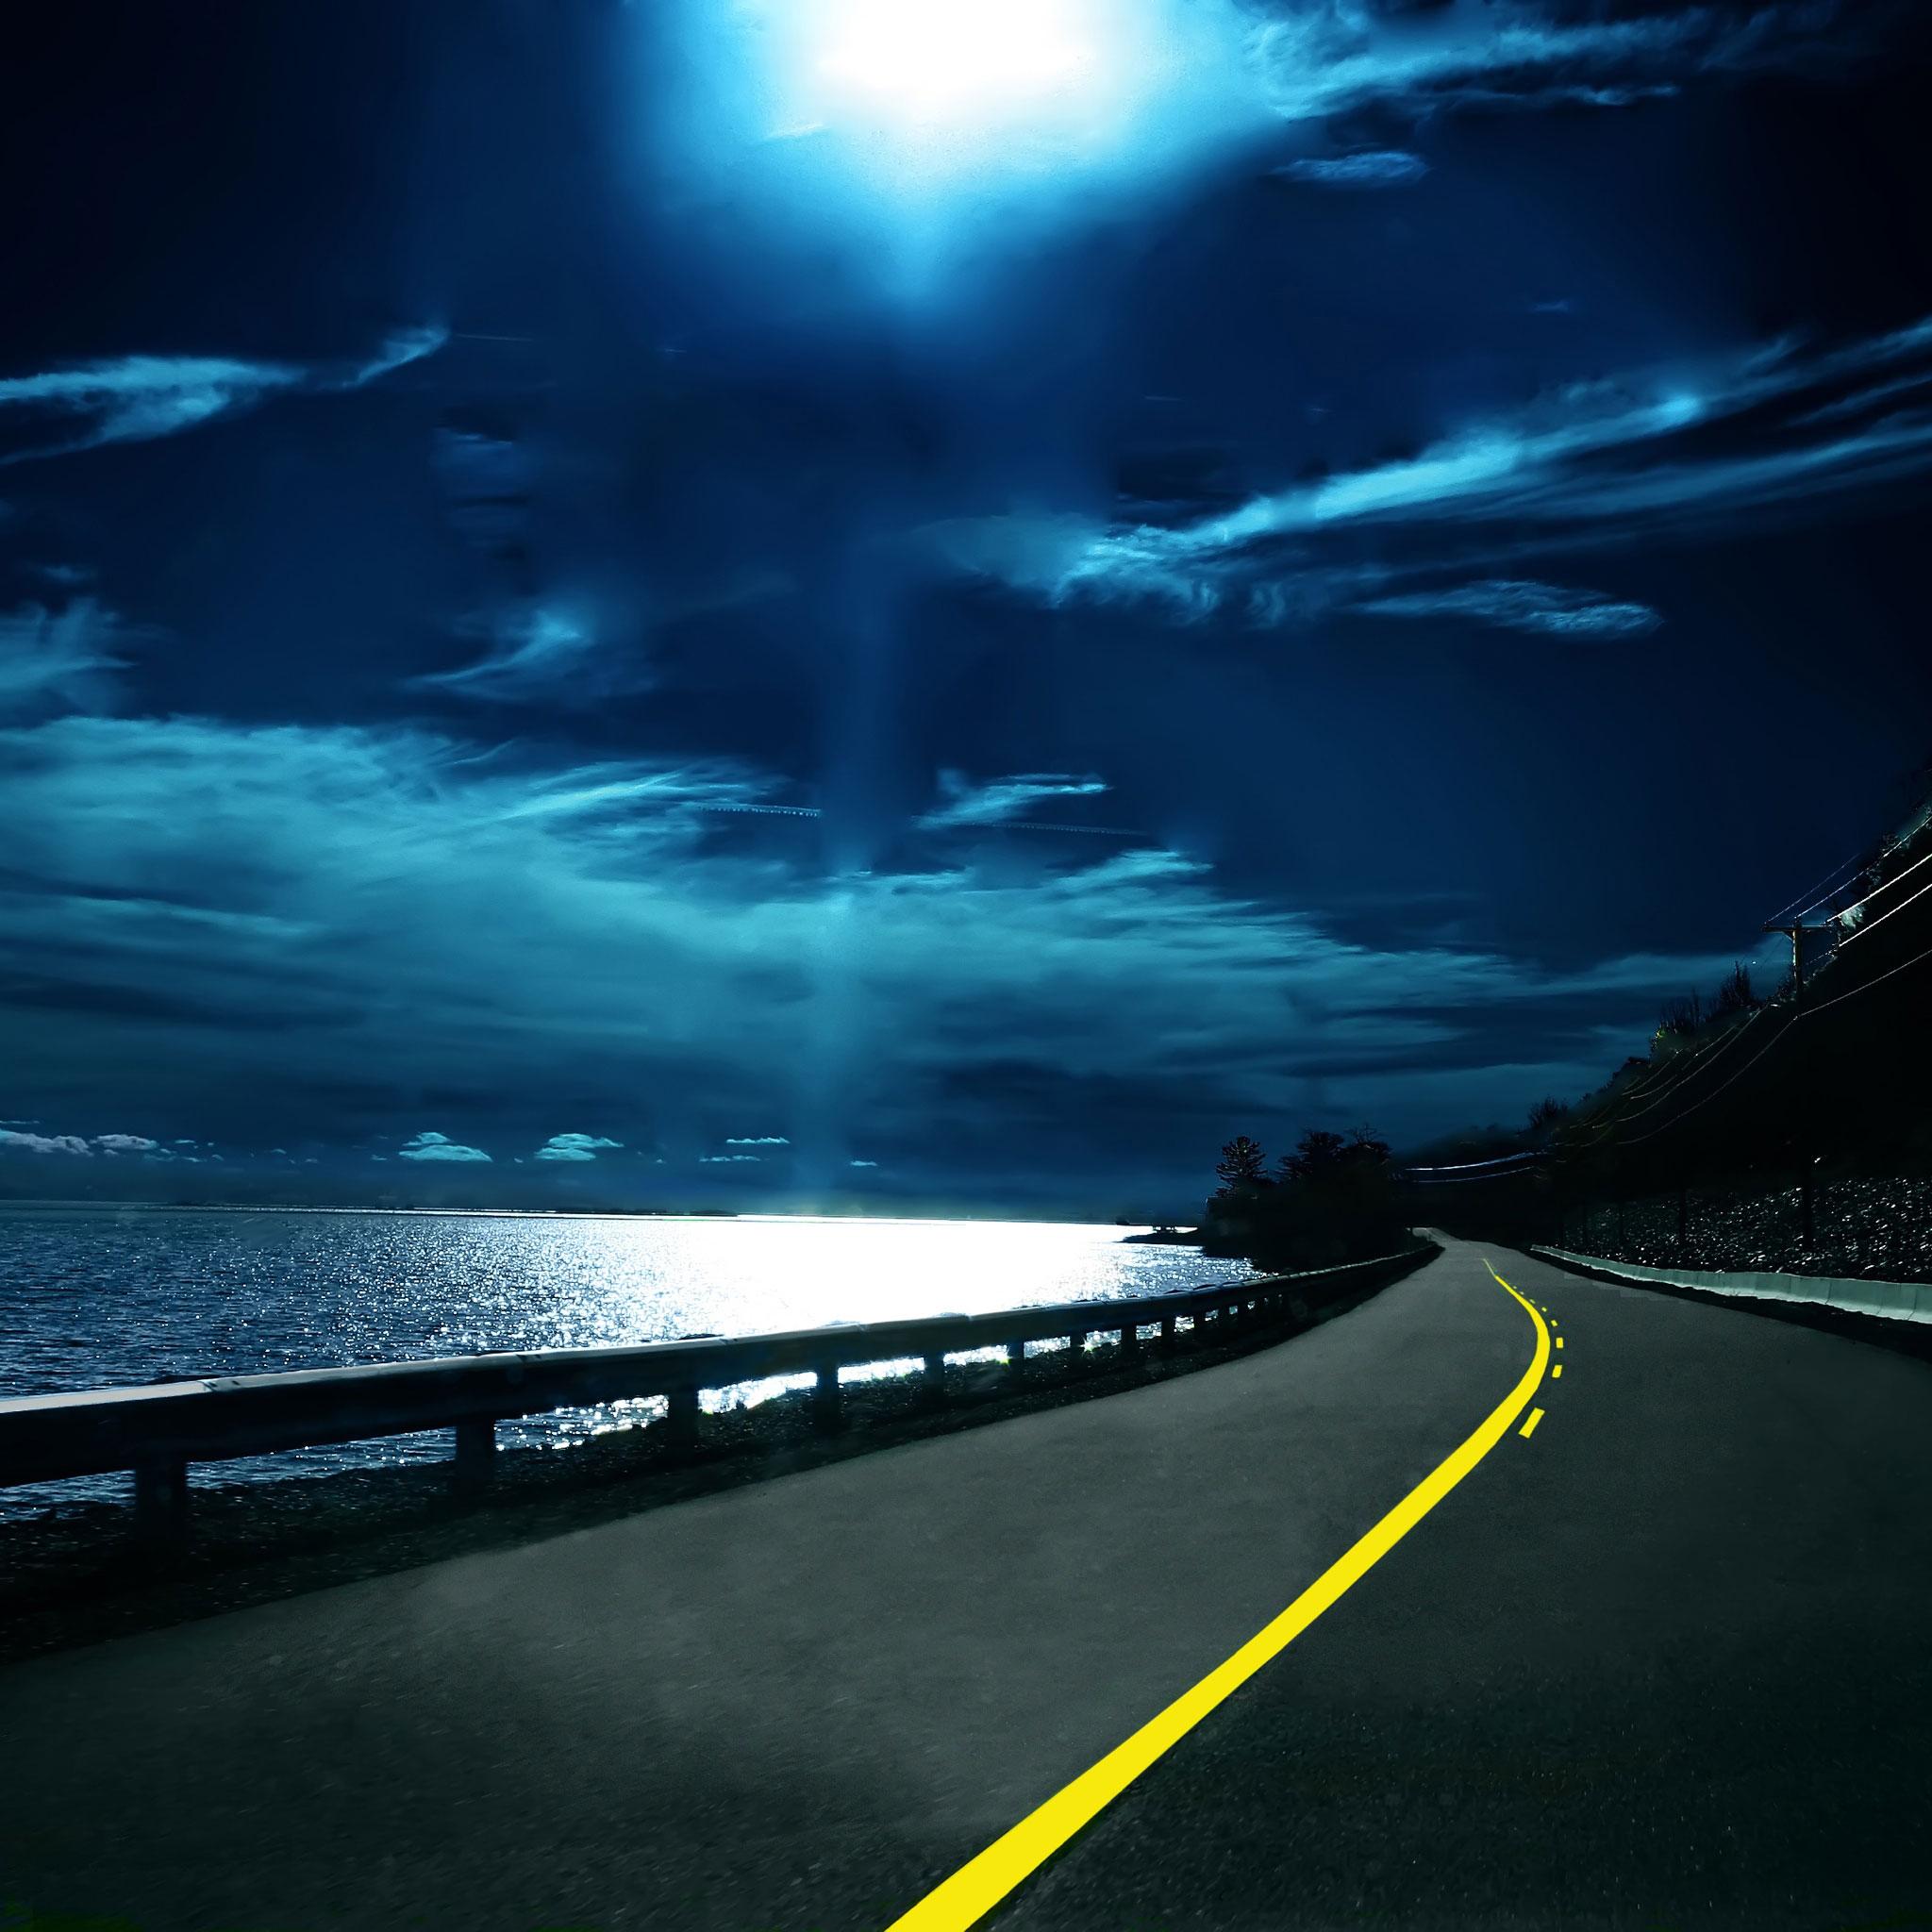 Highway Nights 3Wallpapers iPad Retina Highway Nights   iPad Retina